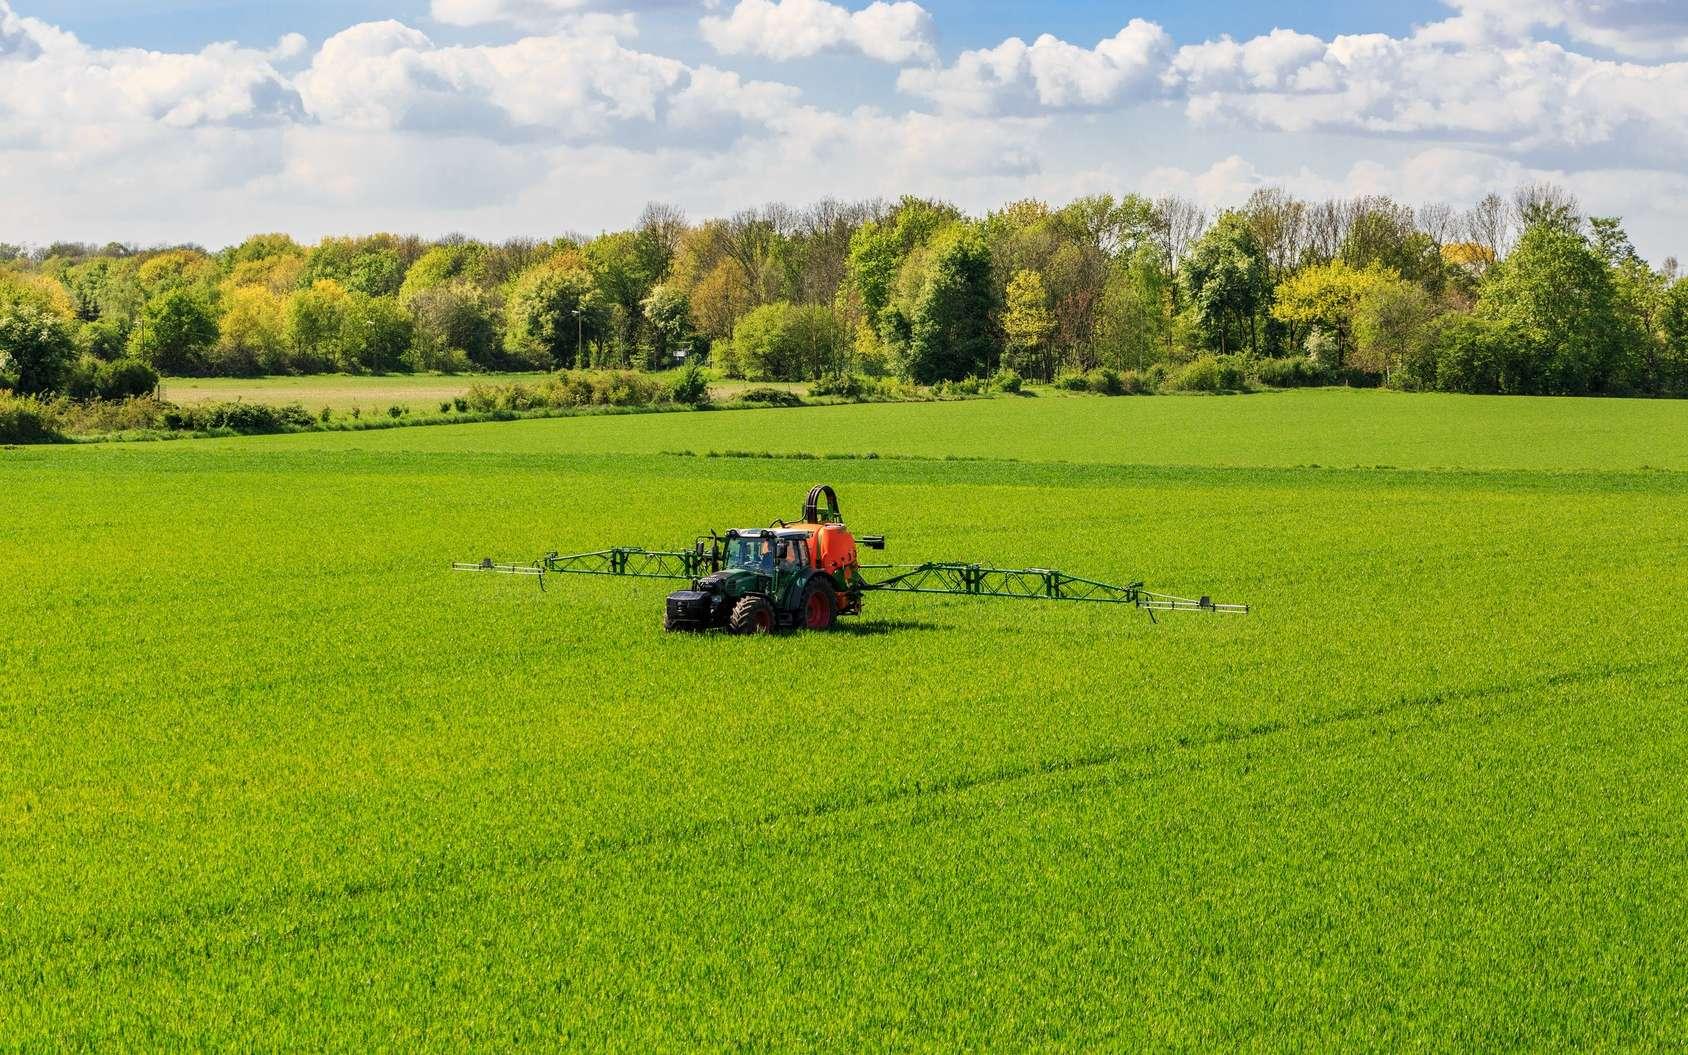 Quel lien entre glyphosate et cancer ? Le glyphosate est le pesticide le plus utilisé au monde. © gerduess, Fotolia